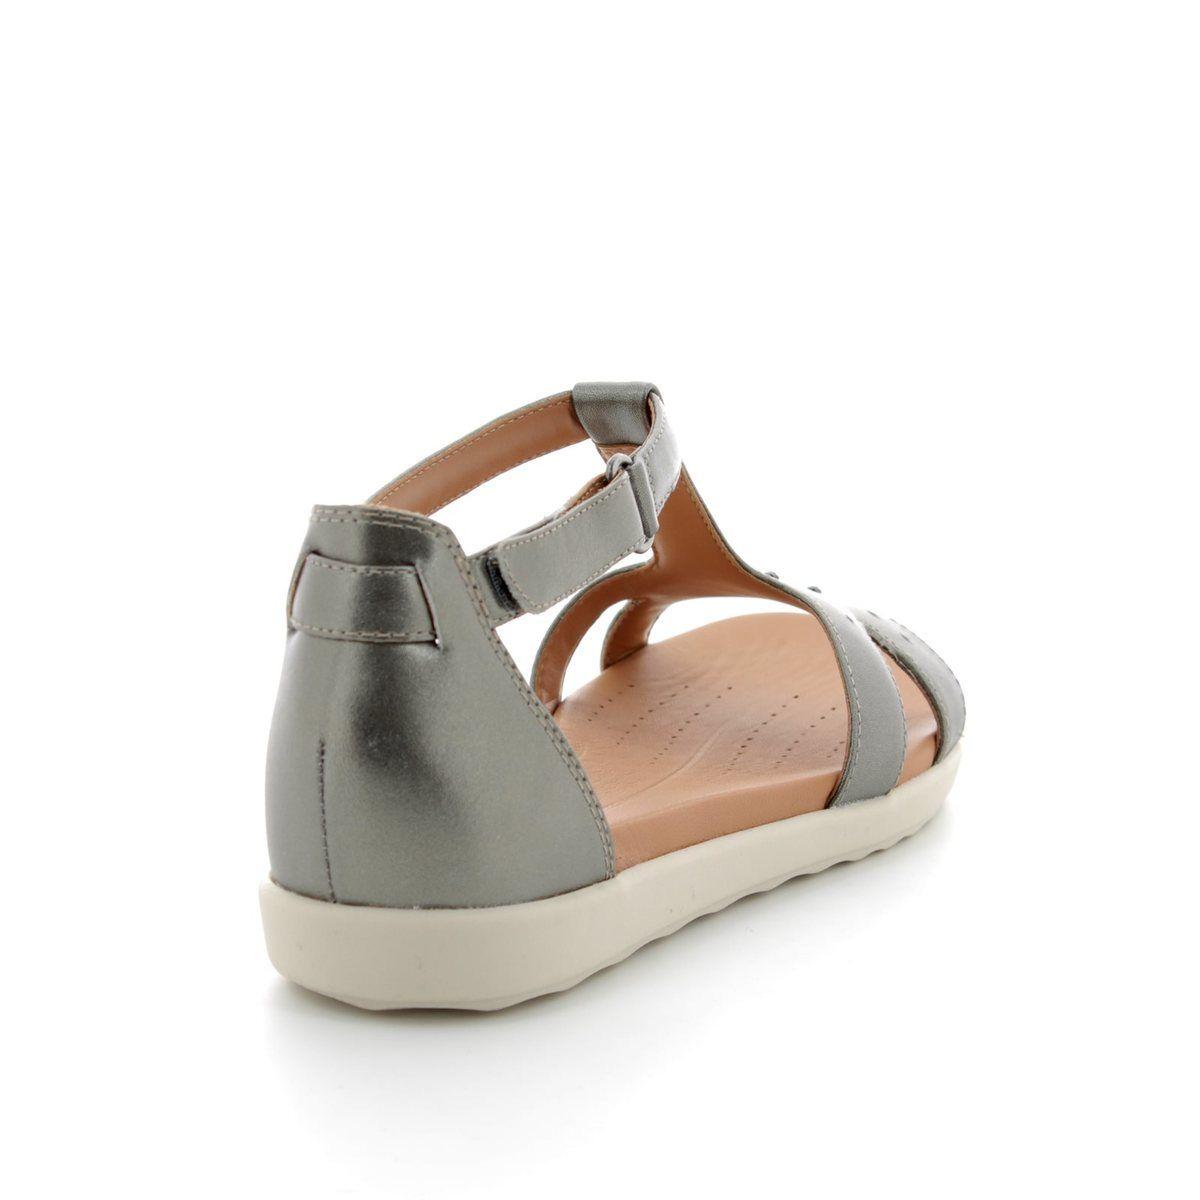 674761516af3 Clarks Sandals - Pewter - 3324 34D UN REISEL MARA